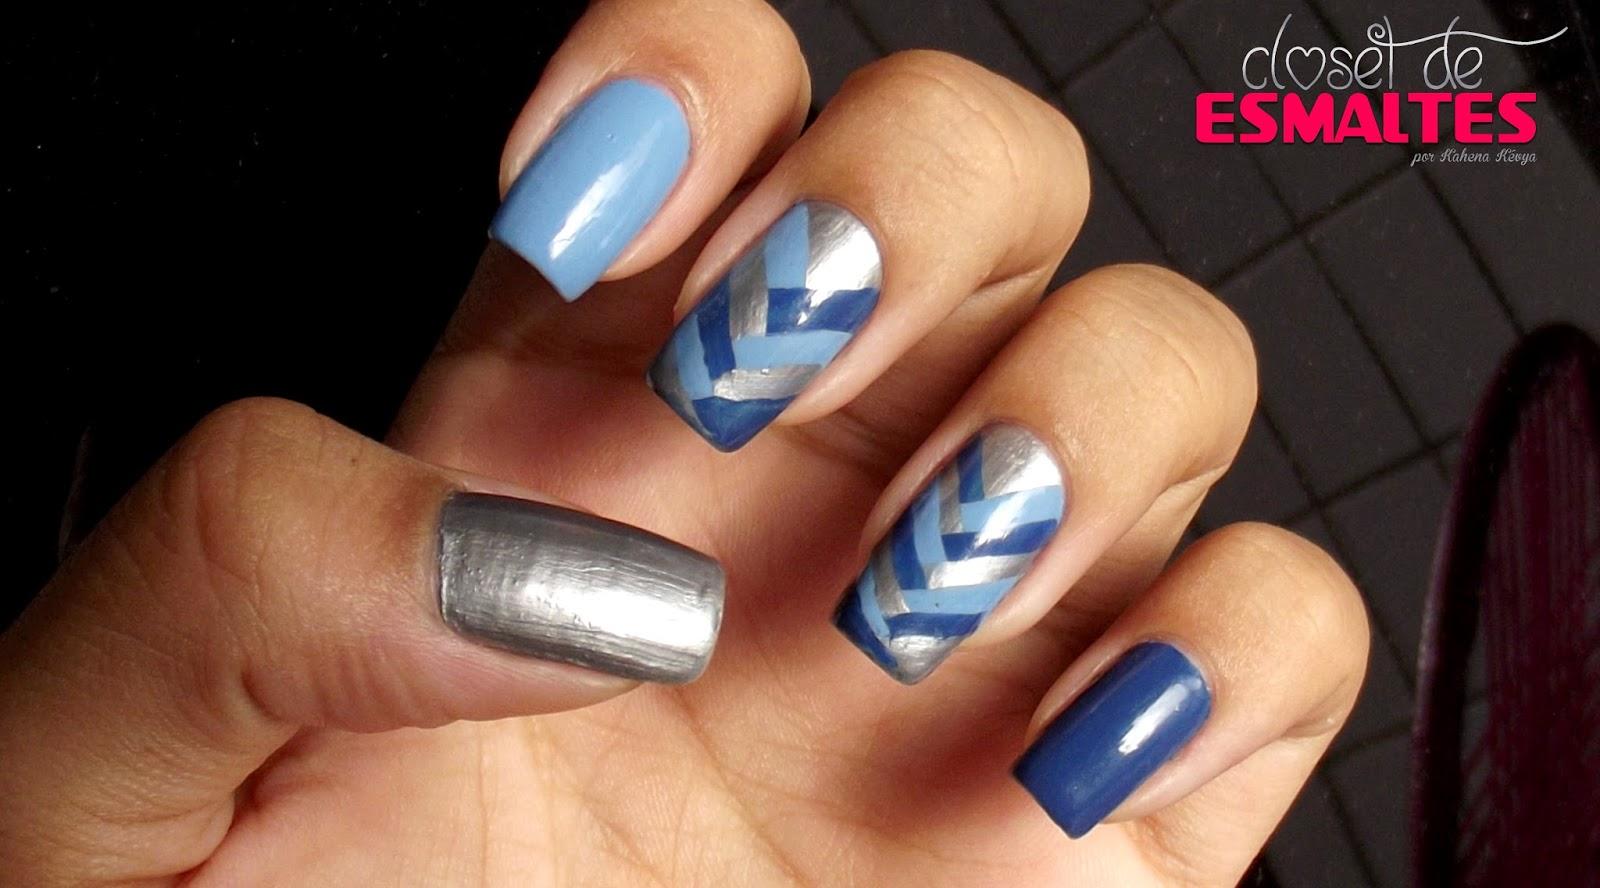 Unhas Trançadas, nail art trançadas, closet de esmaltes, kahena kévya, unhas da semana, esmalte da semana, nail art da semana,